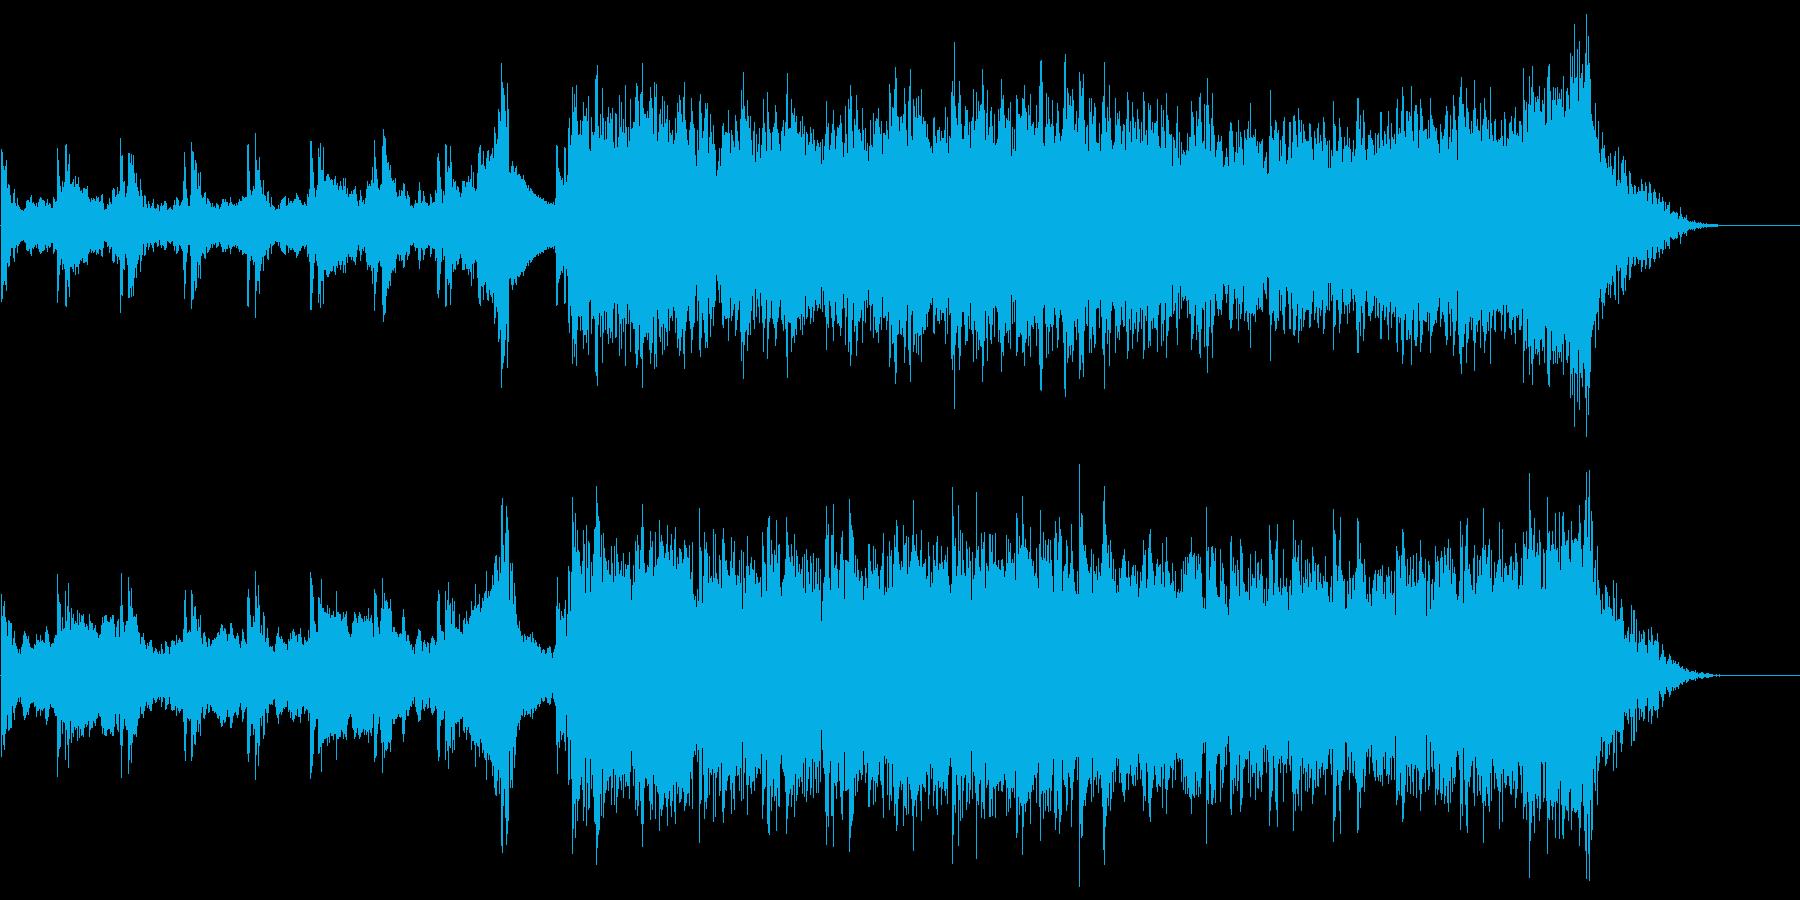 ハリウッド系映画トレーラー音楽風BGMの再生済みの波形